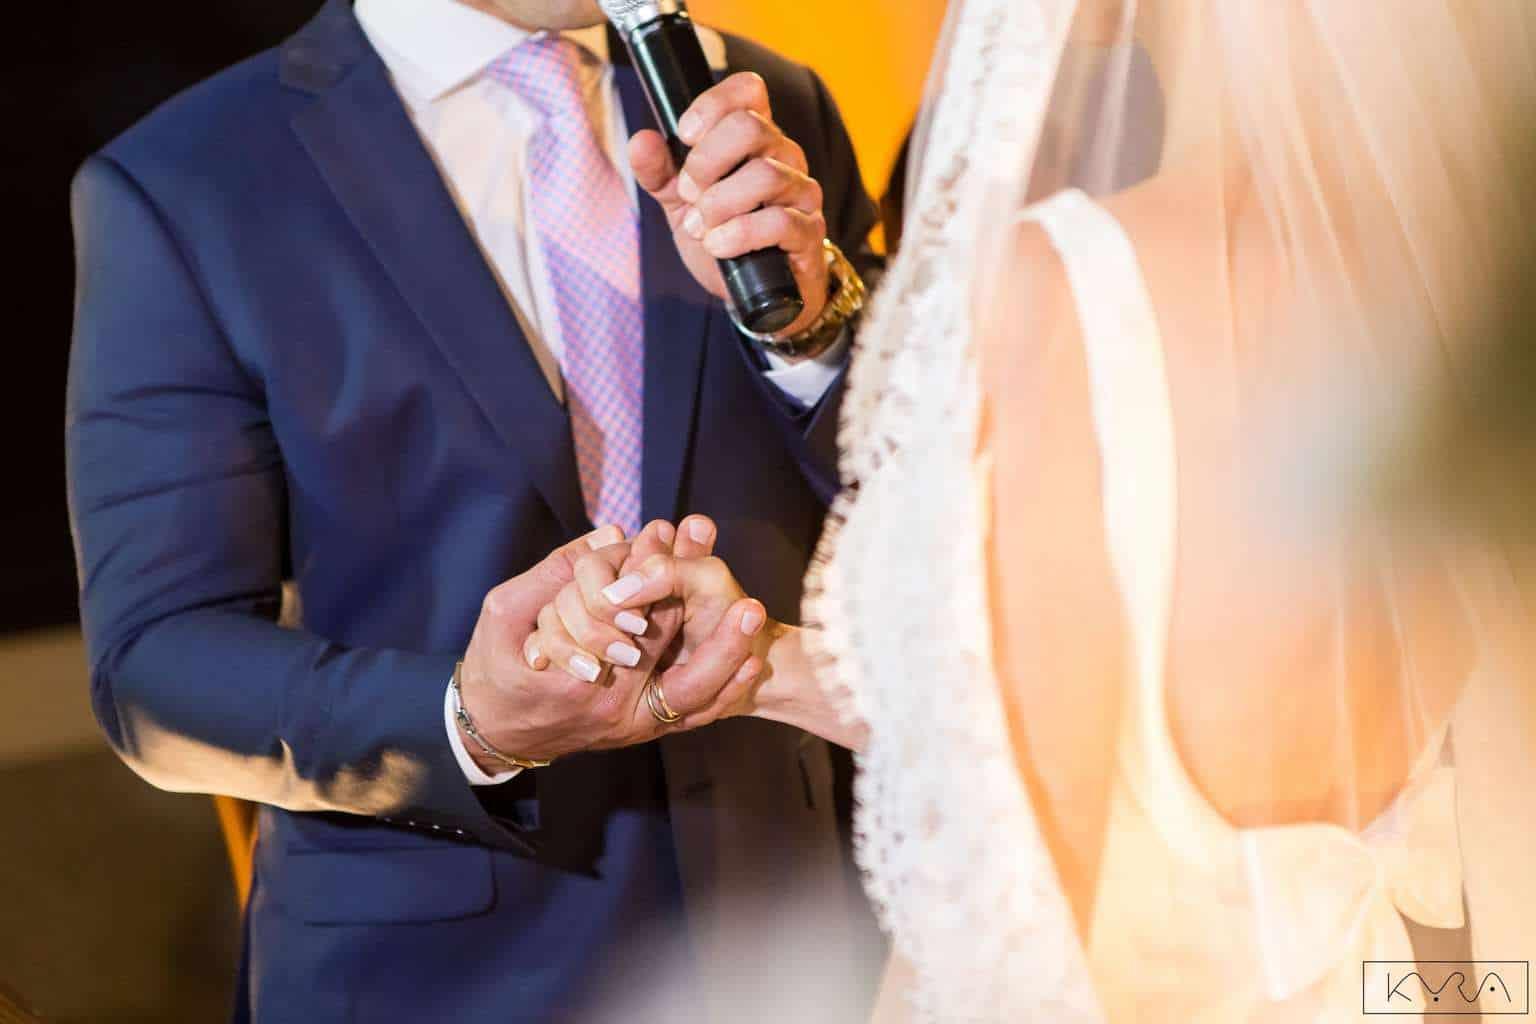 ana-carolina-e-bernardo-Anna-Carolina-Werneck-beleza-da-noiva-casamento-tradicional-Gavea-Golf-Club-Kyra-Mirsky-making-of-mini-wedding-verde-e-rosa-casamento-62